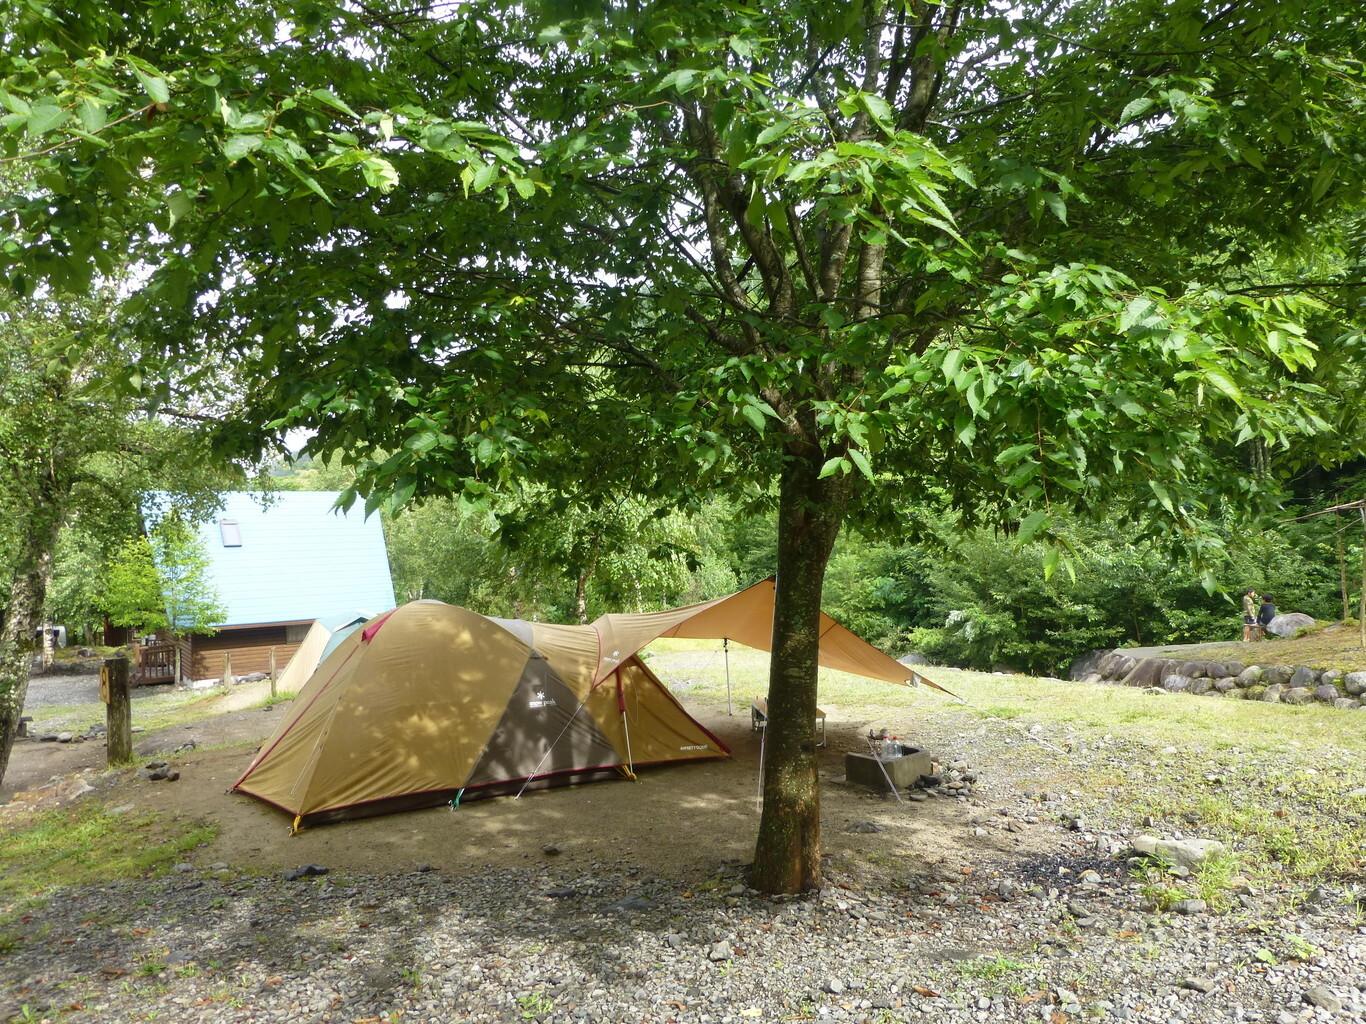 小黒川渓谷キャンプ場 の公式写真c3400